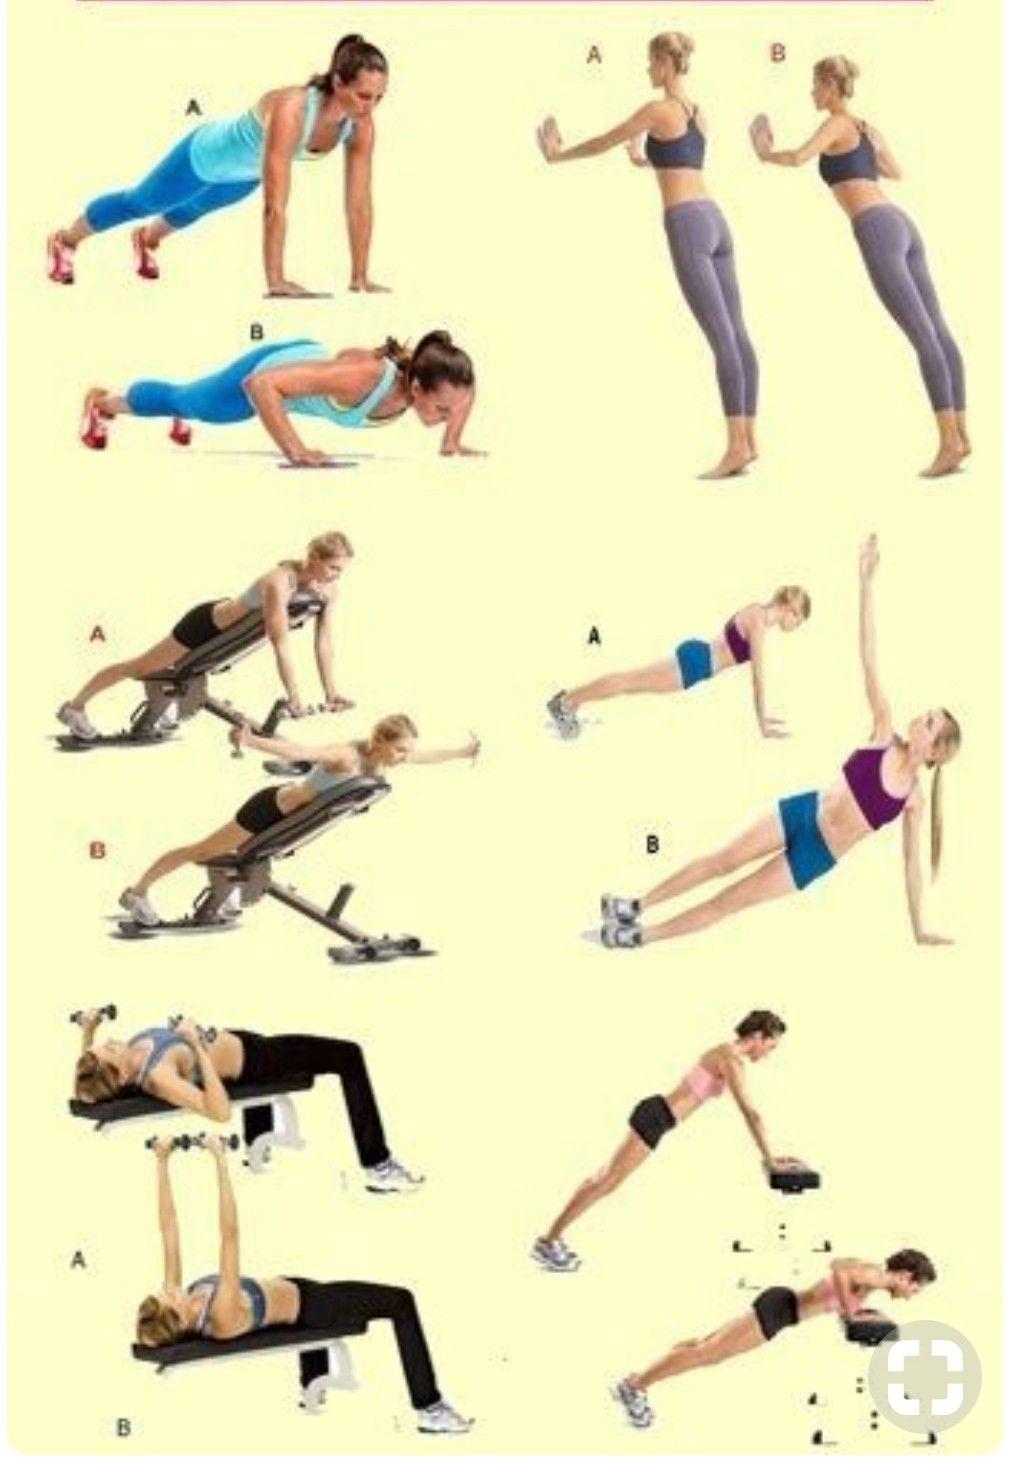 Pin On Uper Body Exercise تمرينات للجزء العلوي من الجسم